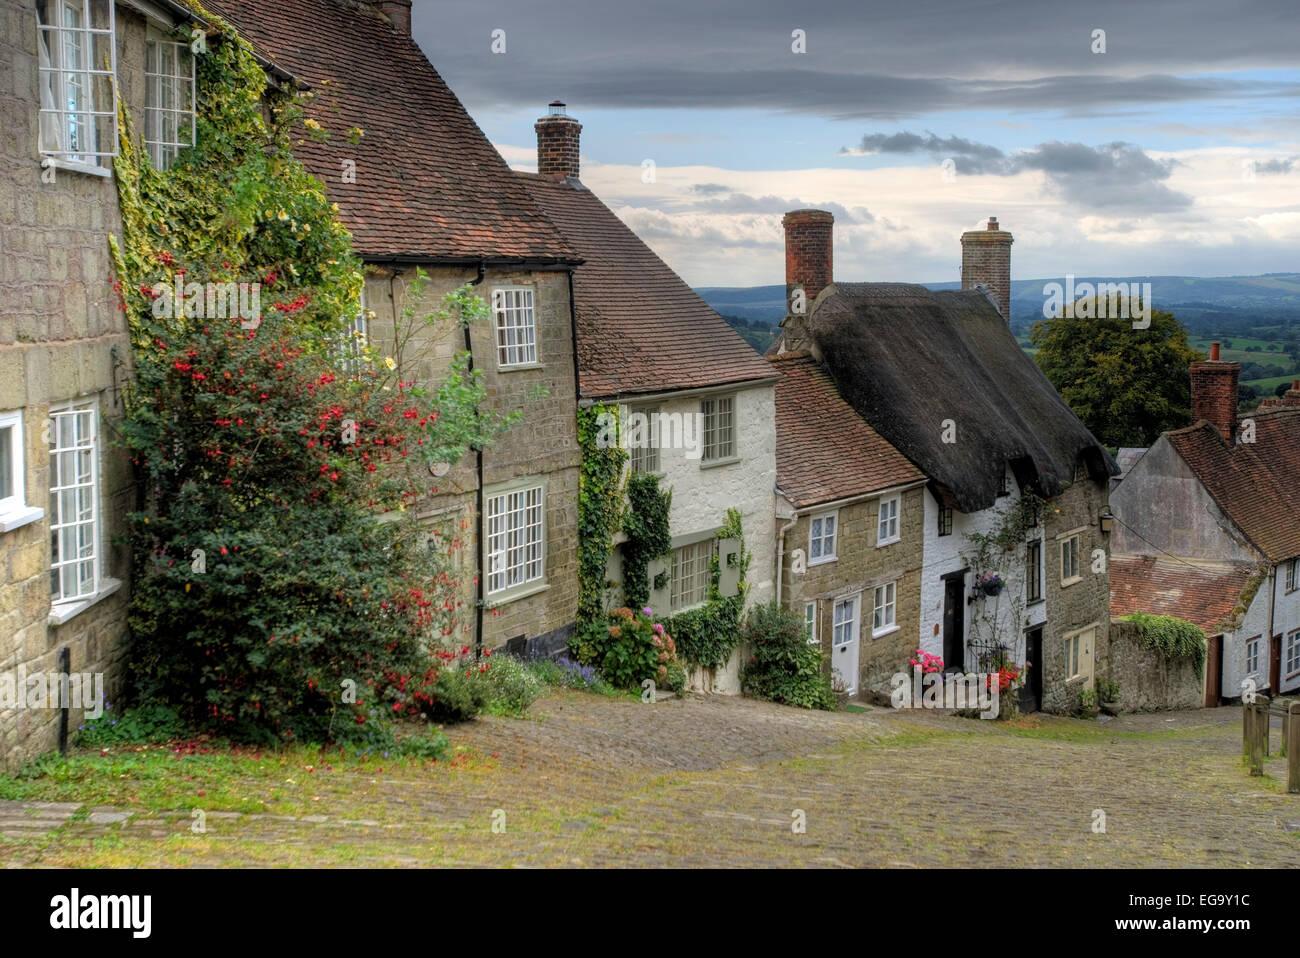 Gold Hill, Shaftesbury, Dorset, England, UK, Europe - Stock Image